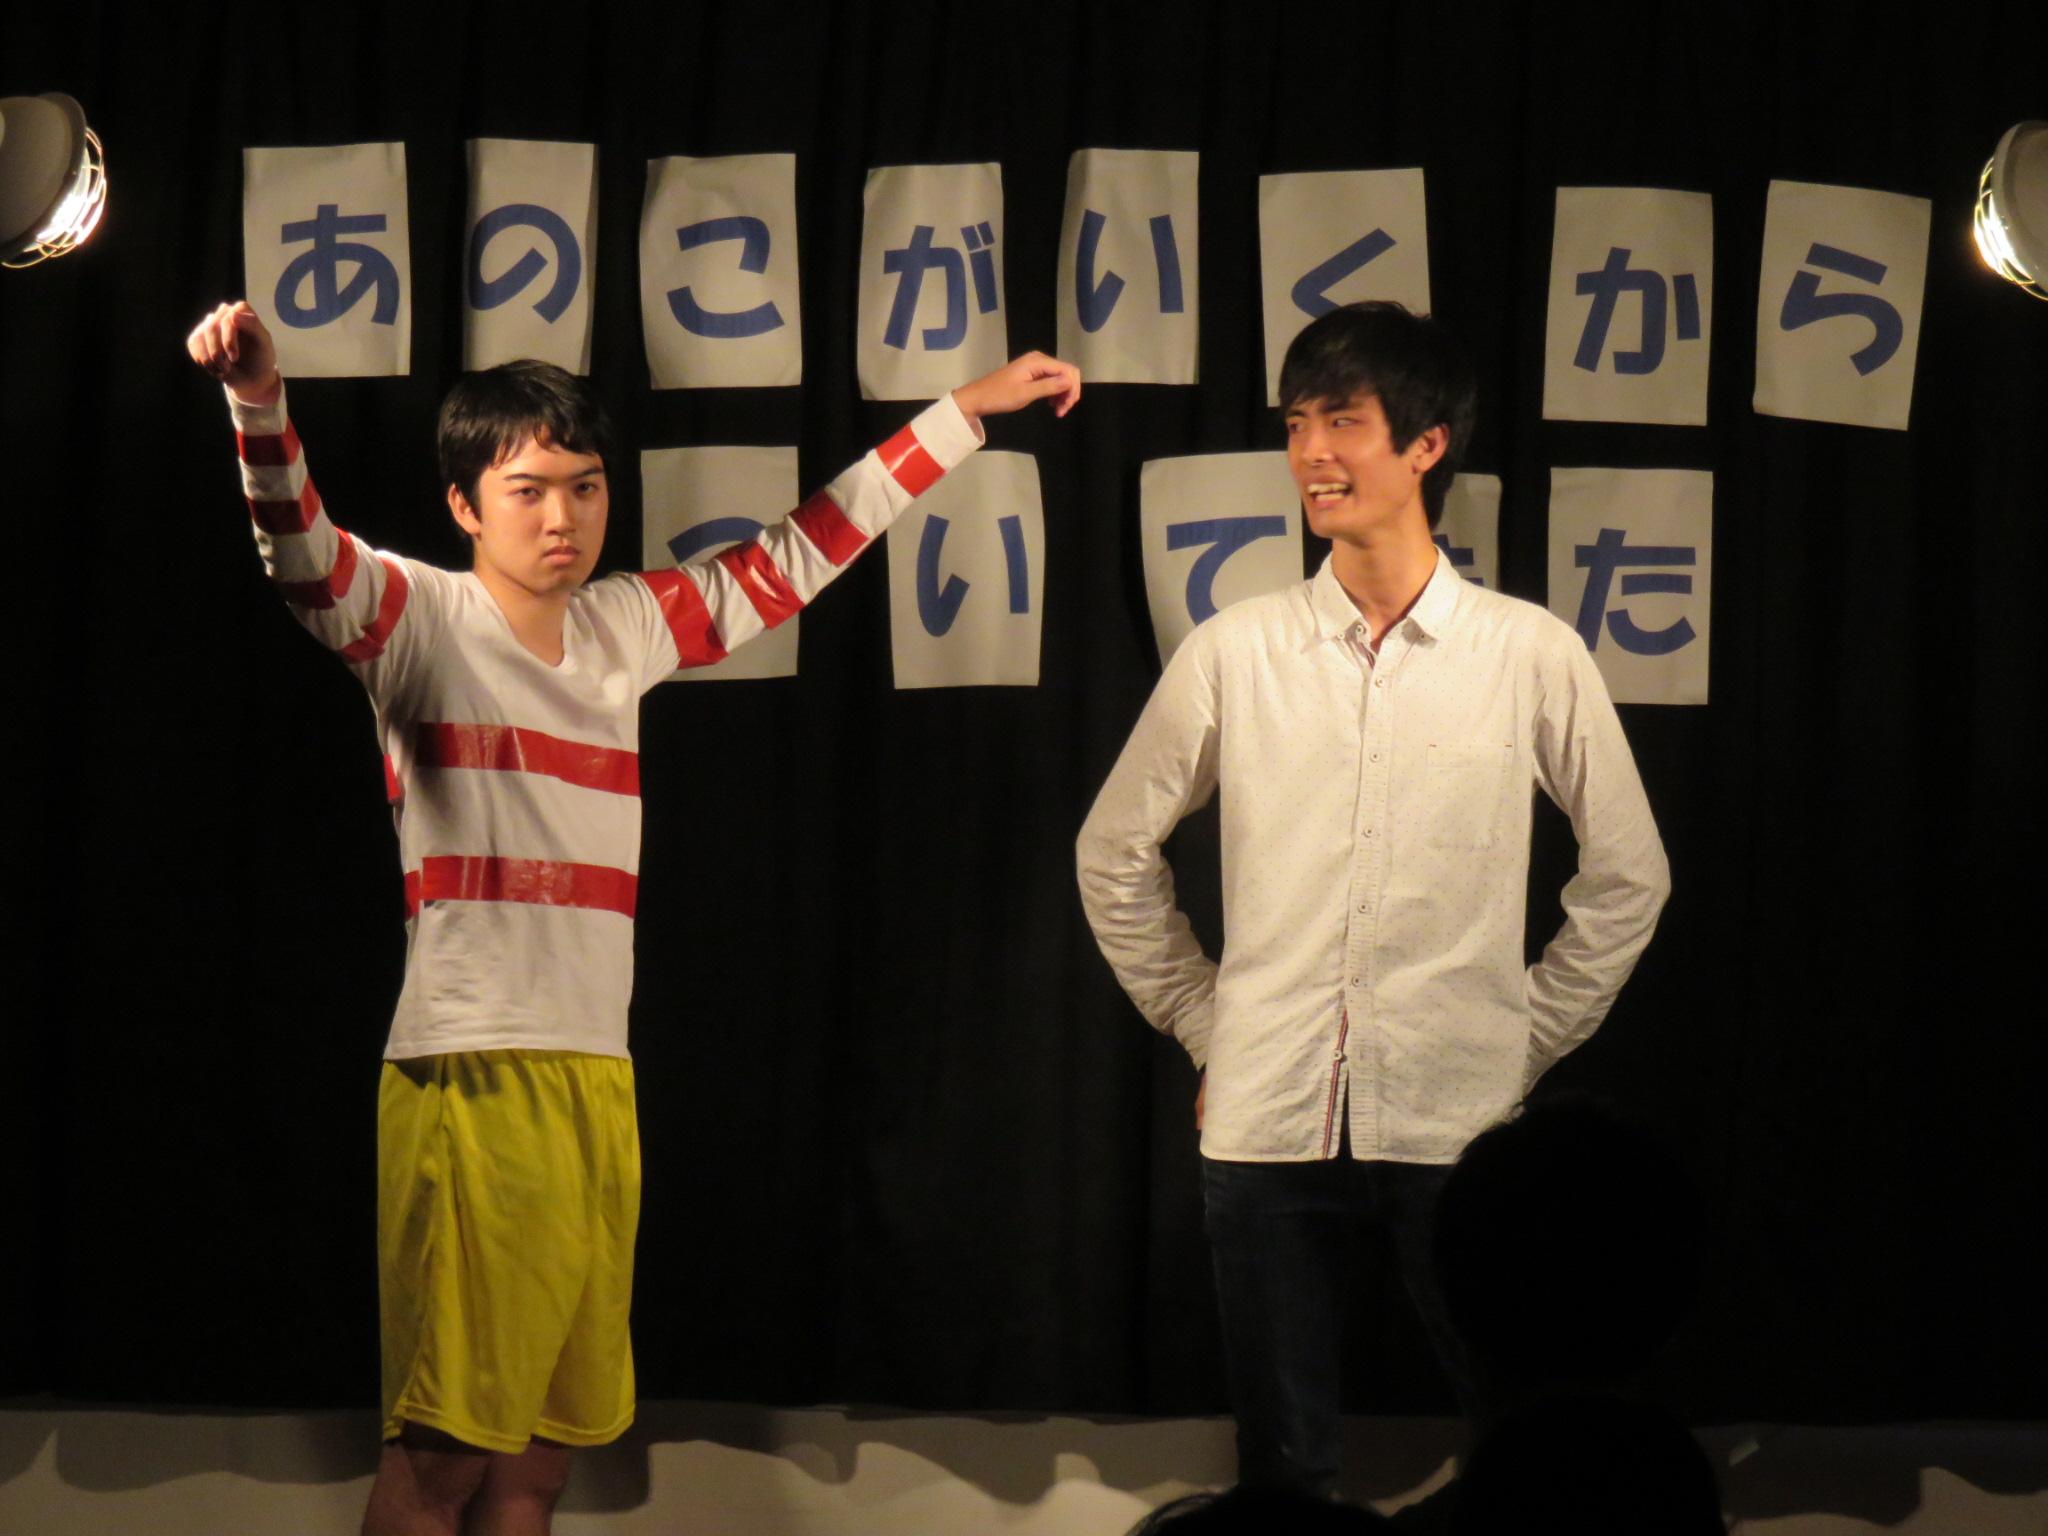 5月 落単戦隊ホーセーケーズ